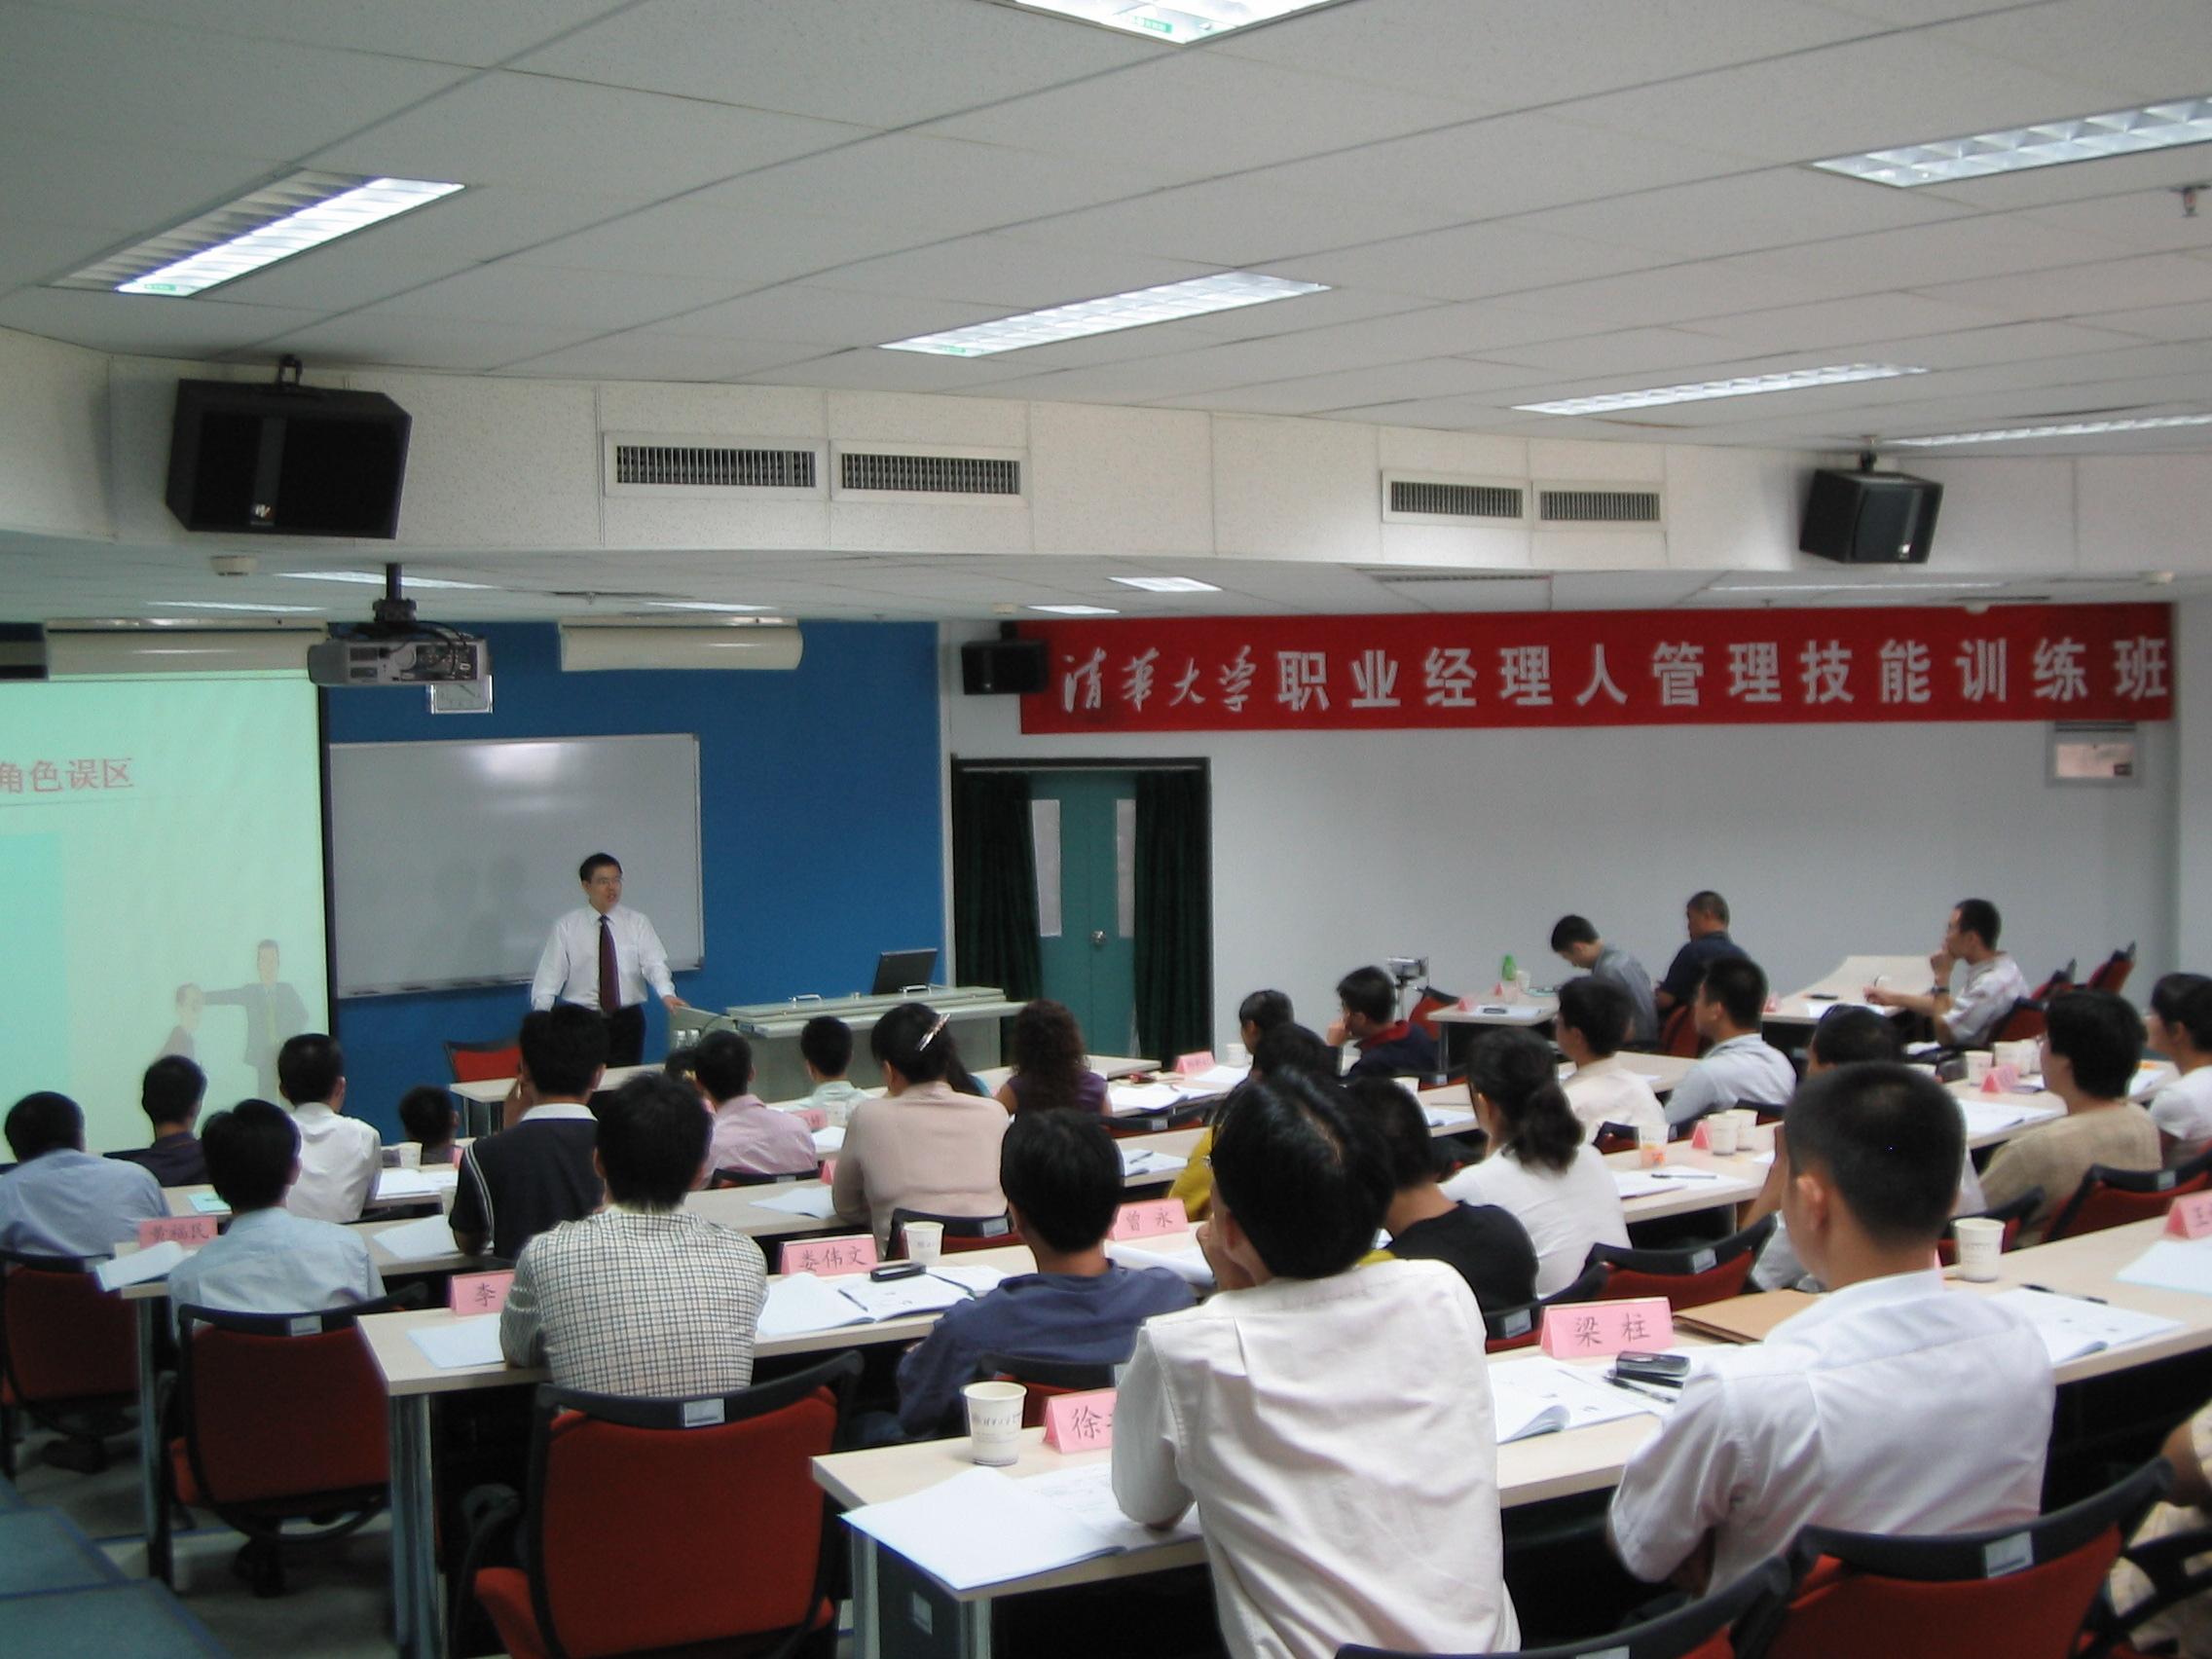 清华大学职业经理人管理技能训练班